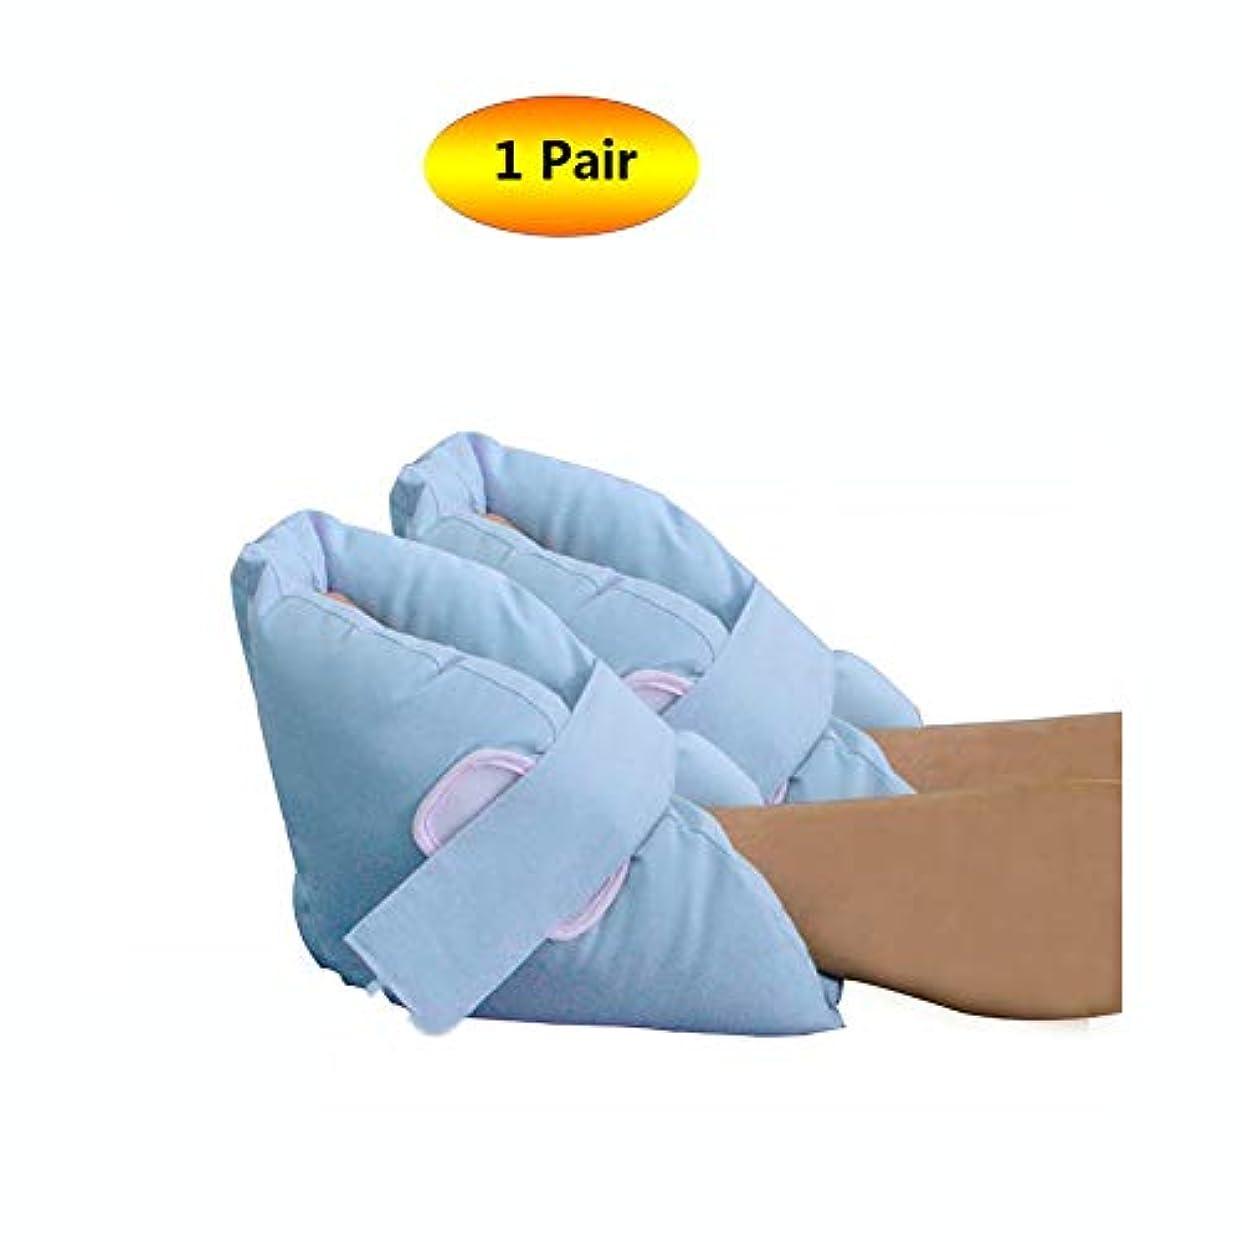 行方不明けん引暖かくヒールプロテクター枕ソフト慰め、ヒールフロートヒールプロテクター、高齢者の足補正カバー - ブルー